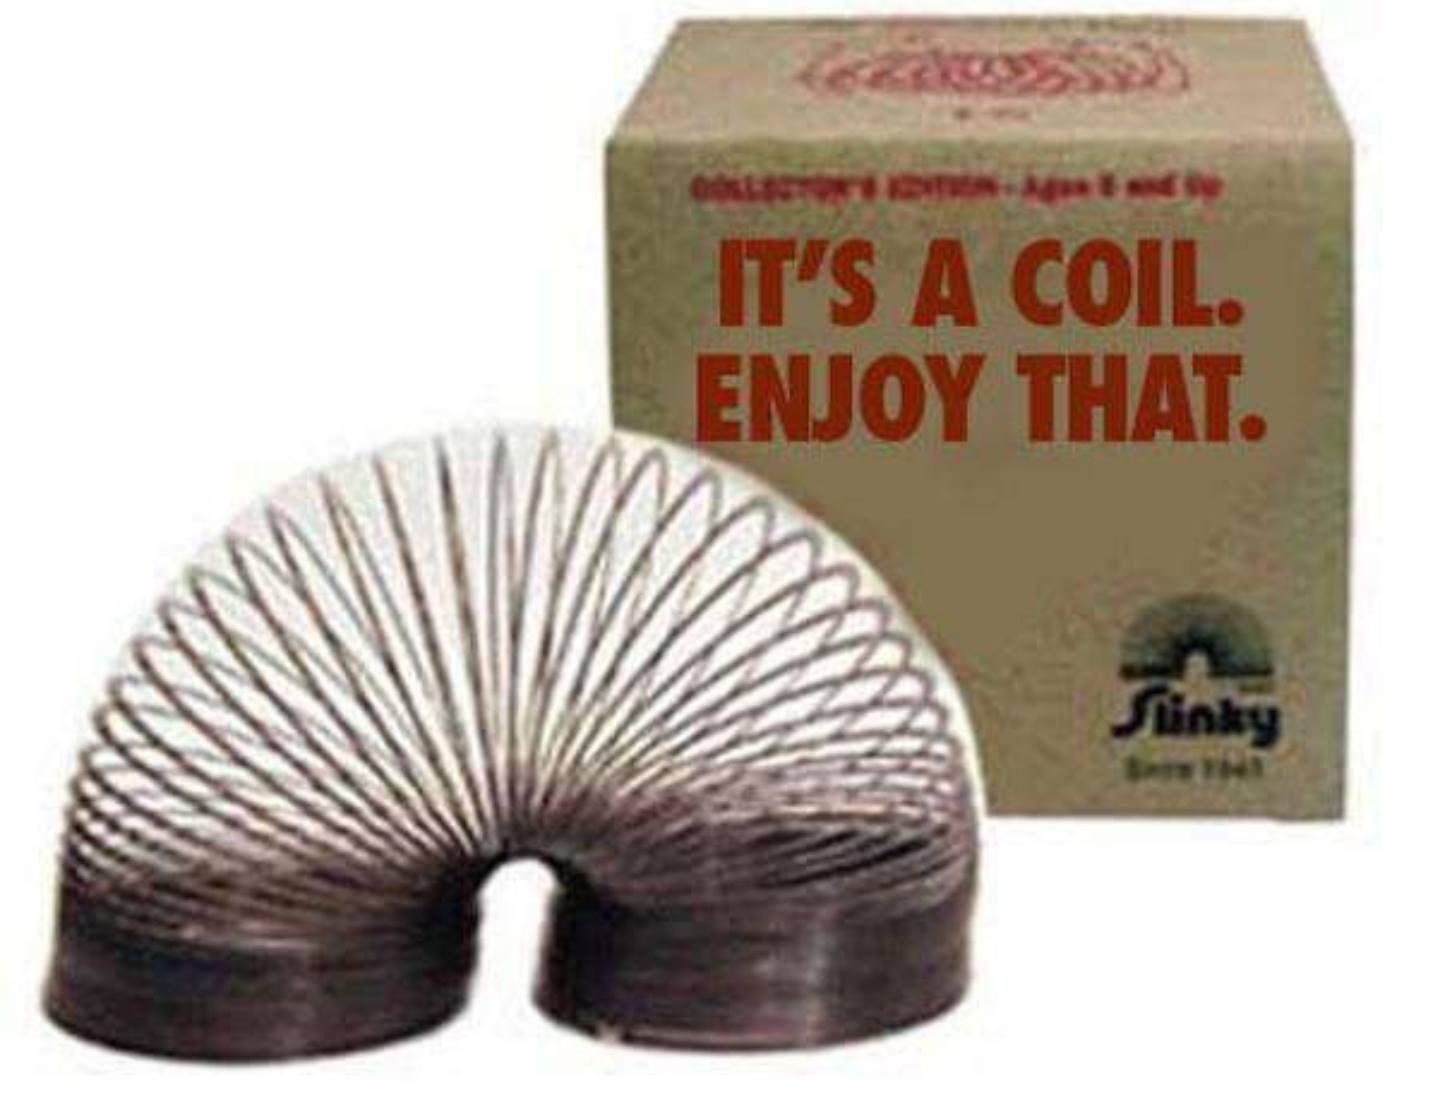 Coils - meme